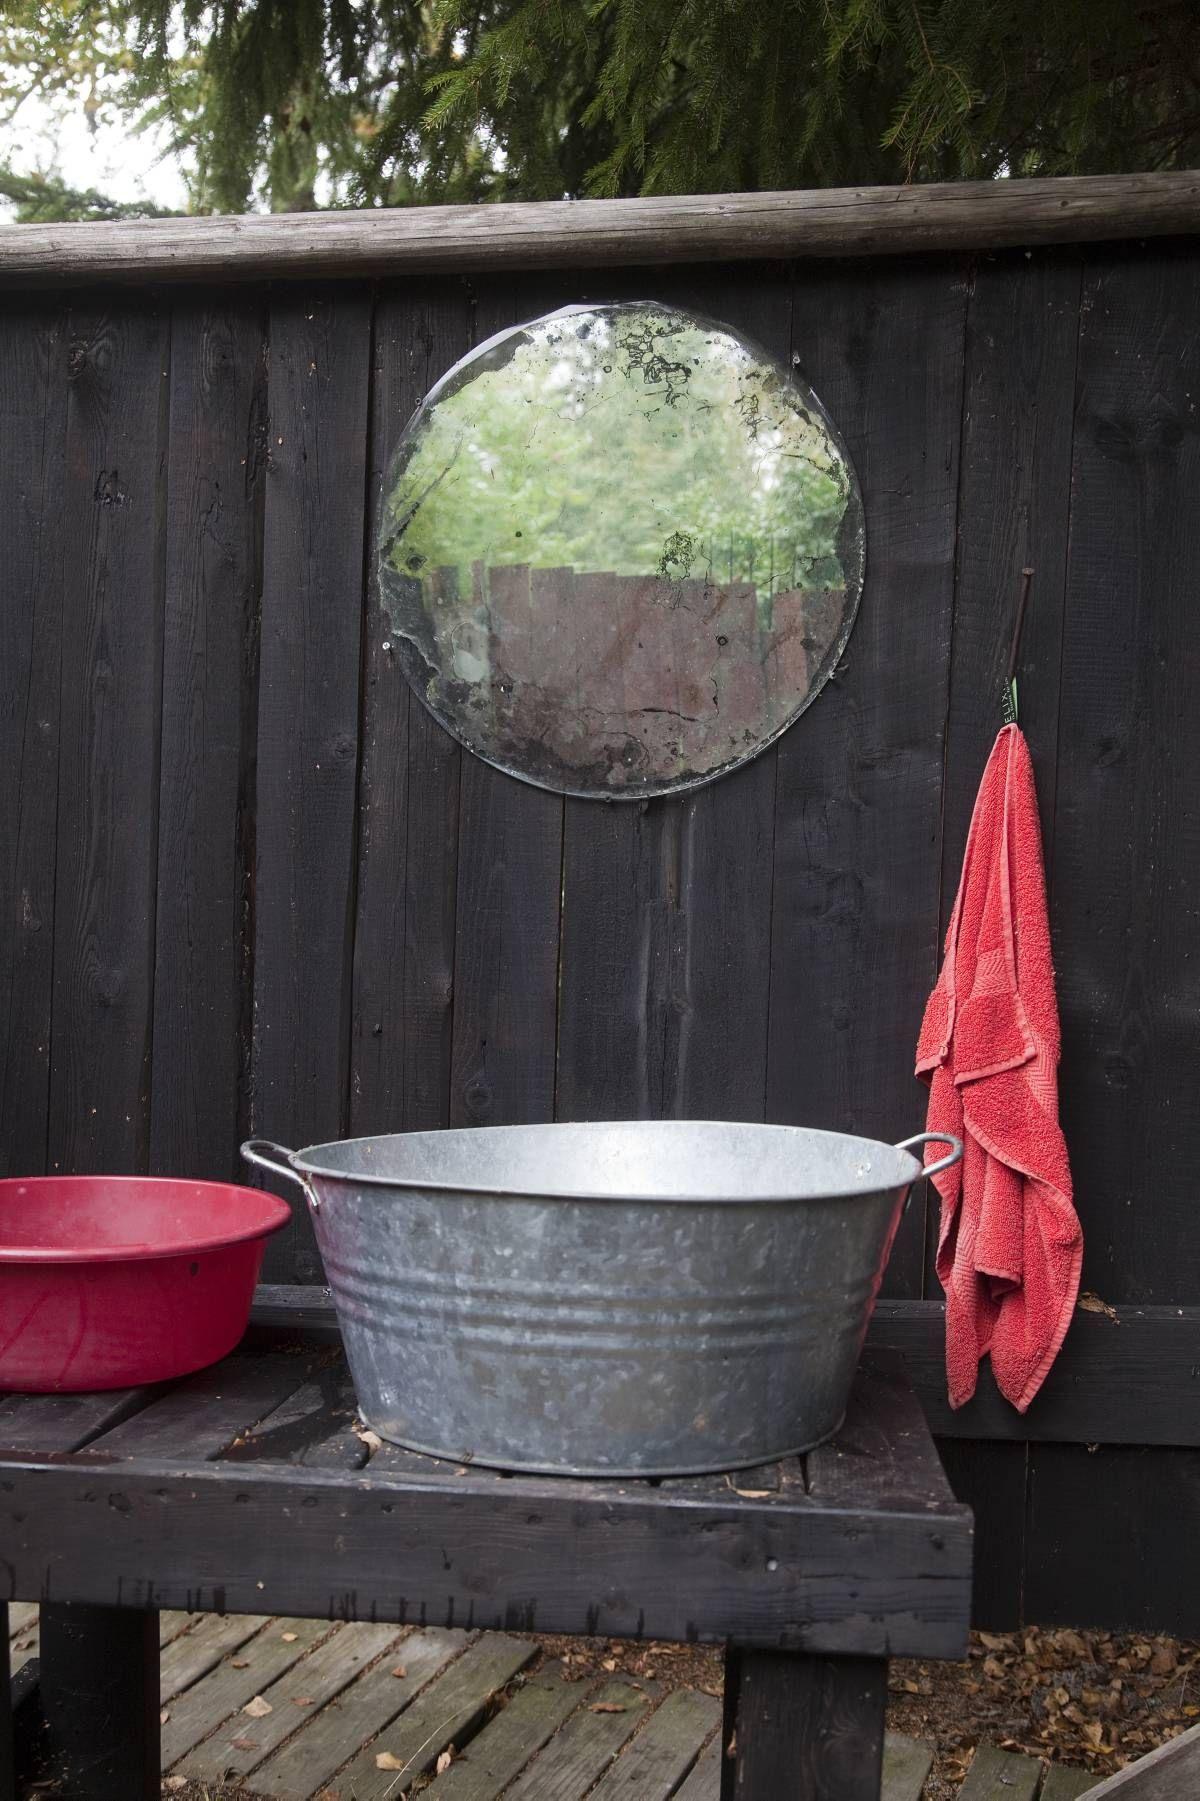 Pesupaikka on taivasalla. Kuuma vesi lämpenee vanhassa saunapadassa pesupaikan vieressä.